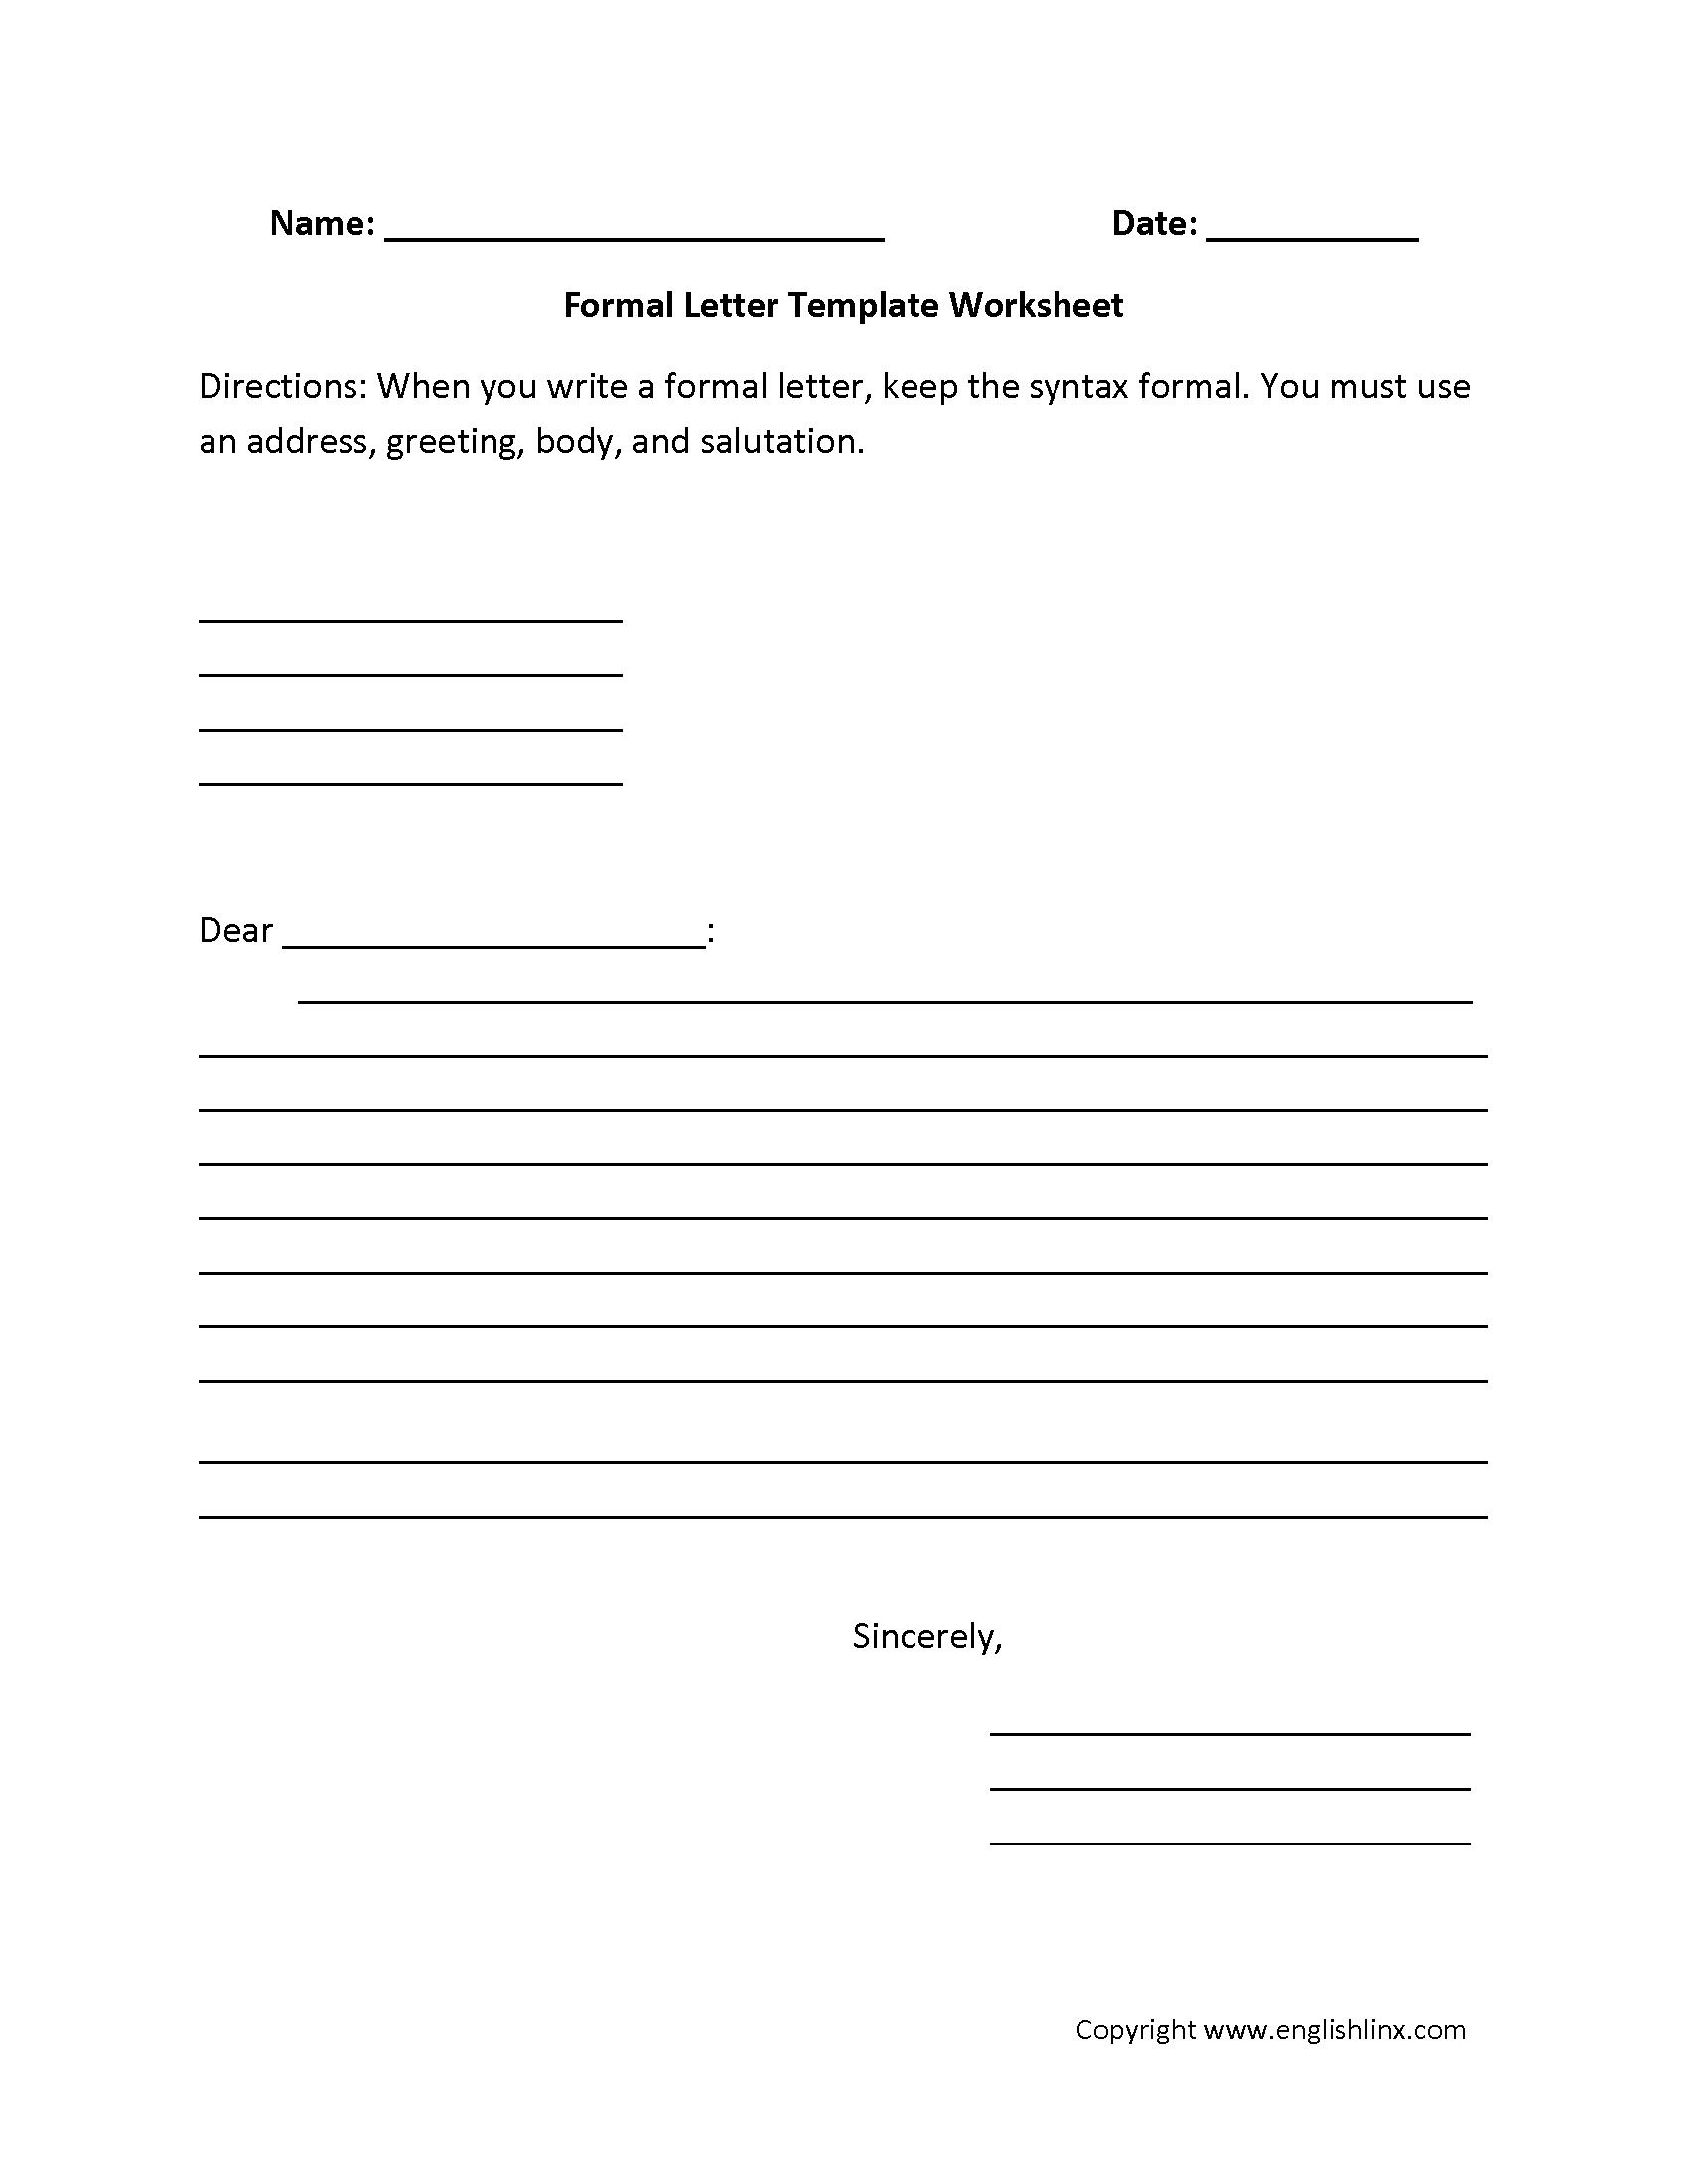 Formal Letter Writing Worksheets Letter Writing Worksheets Informal Letter Writing Writing Worksheets [ 2200 x 1700 Pixel ]